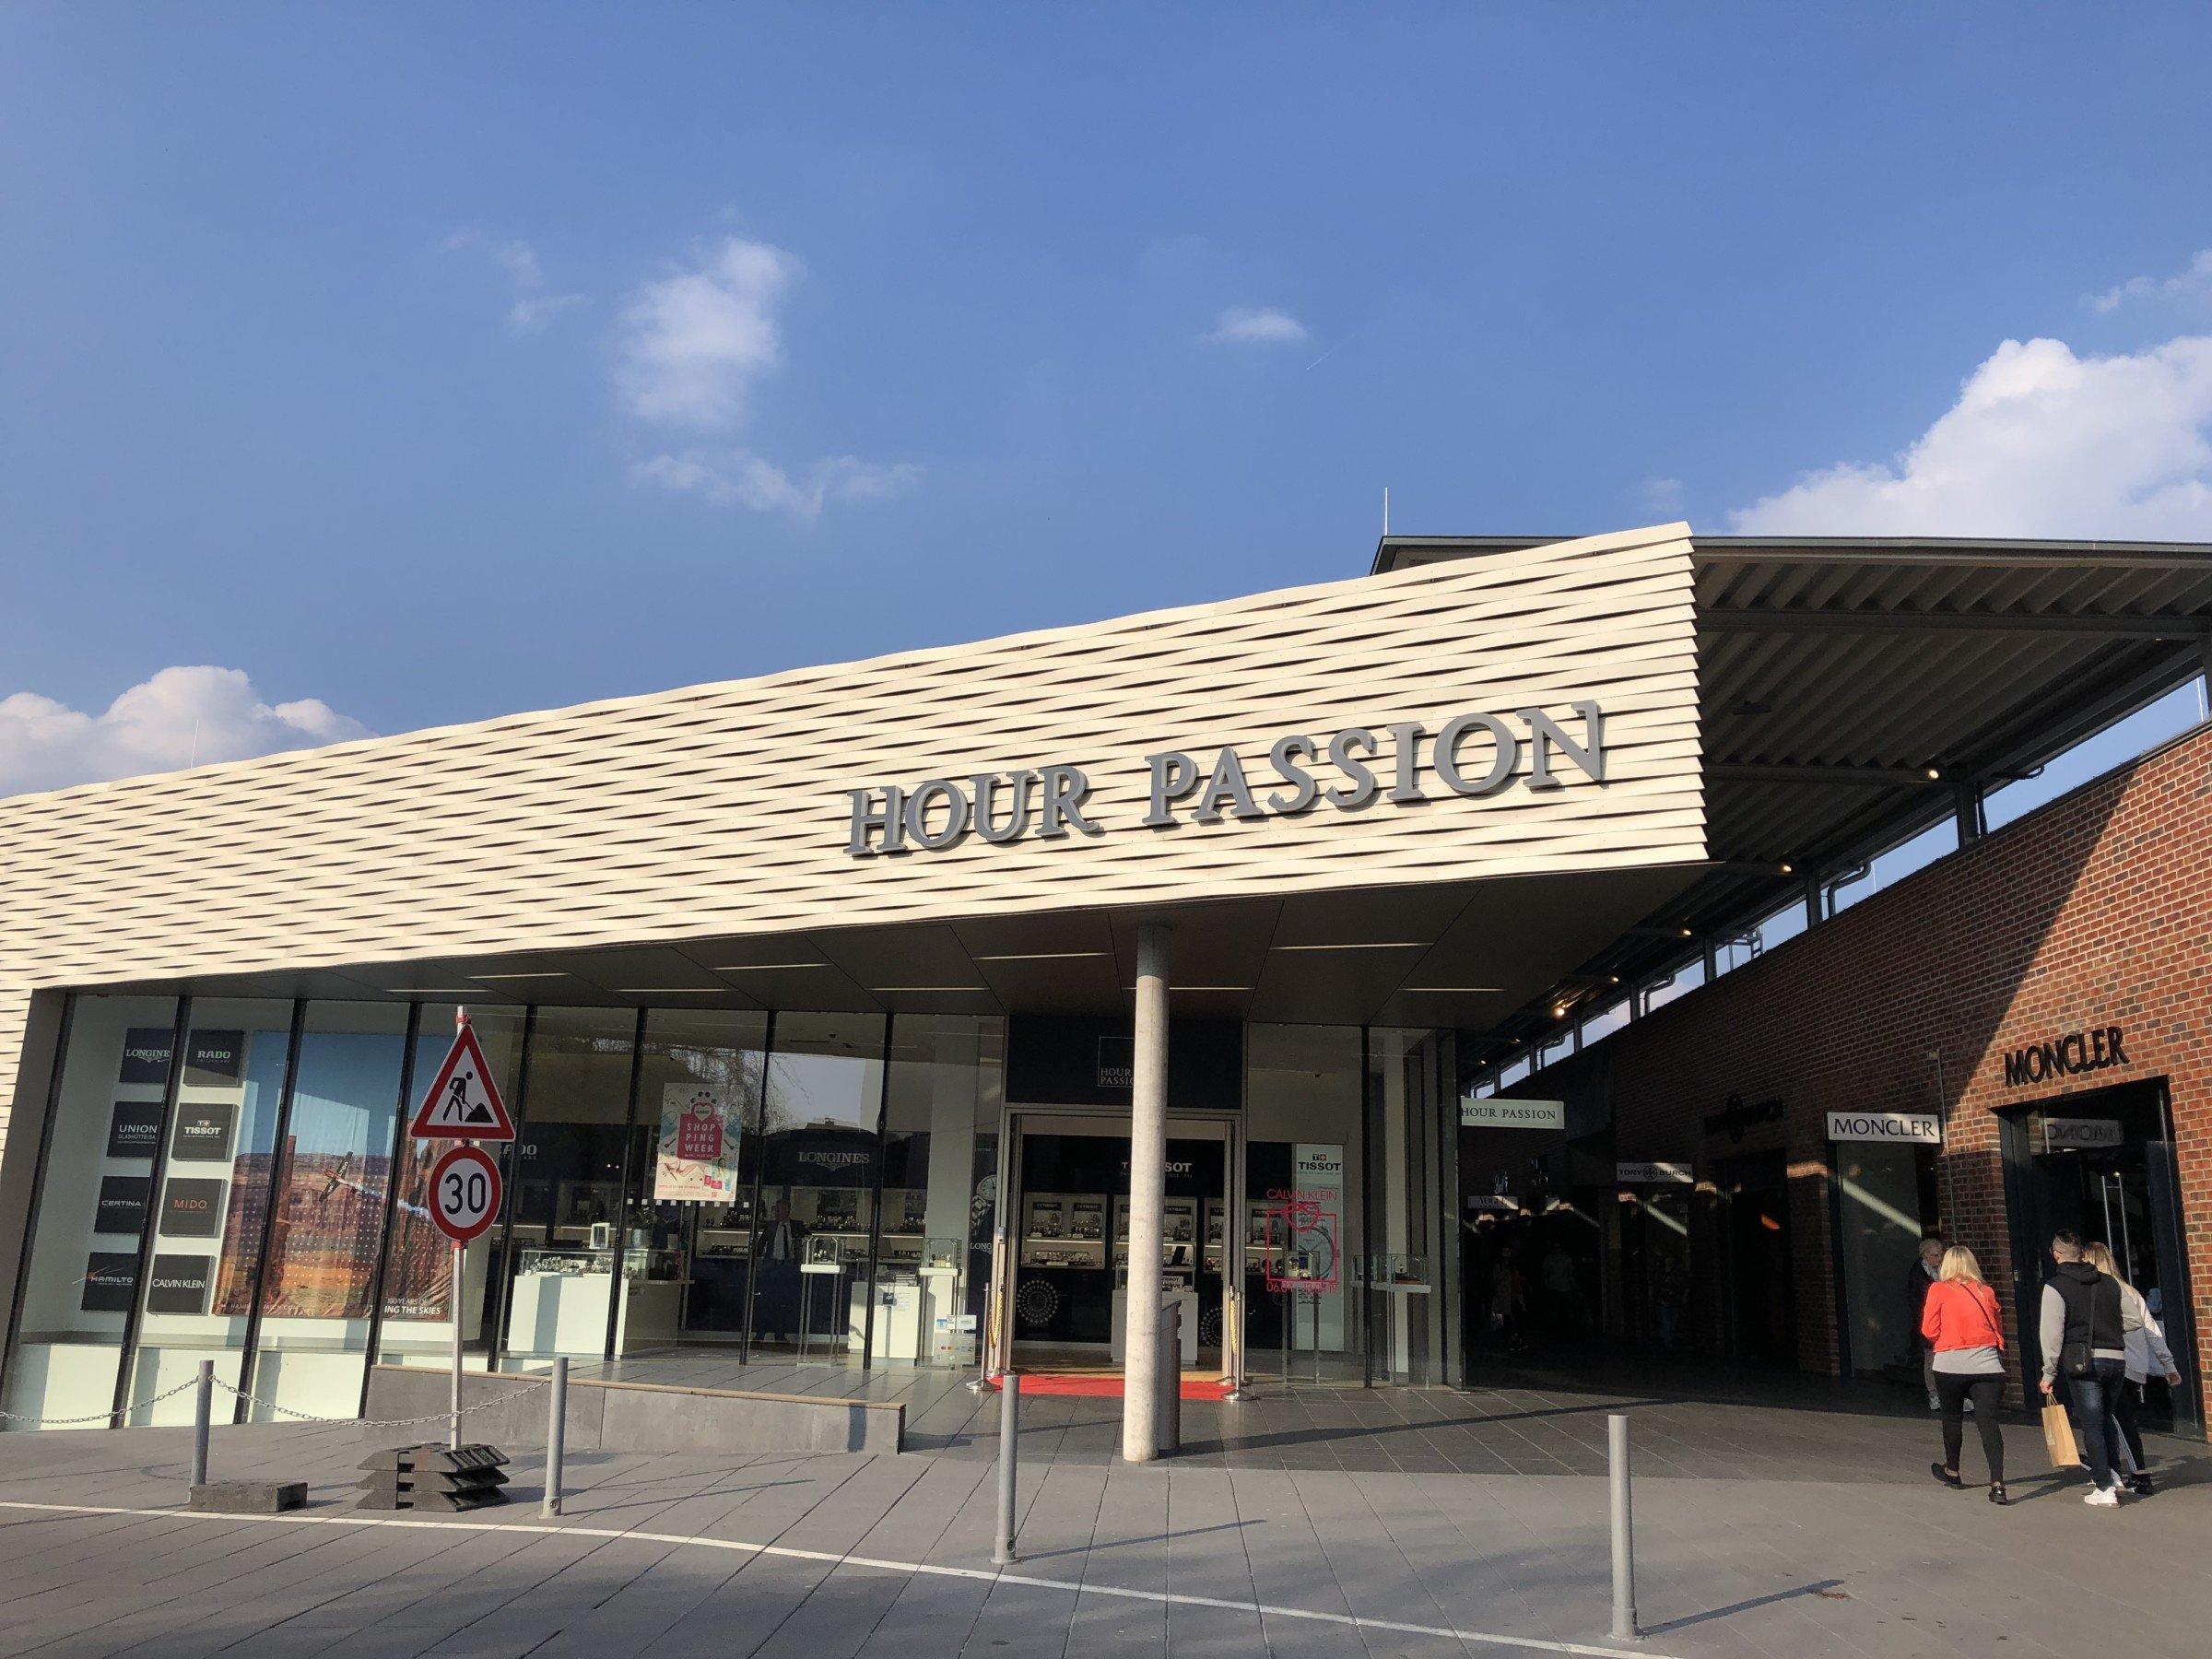 Hour Passion Metzingen Swatch Erfahrungen OPutlet